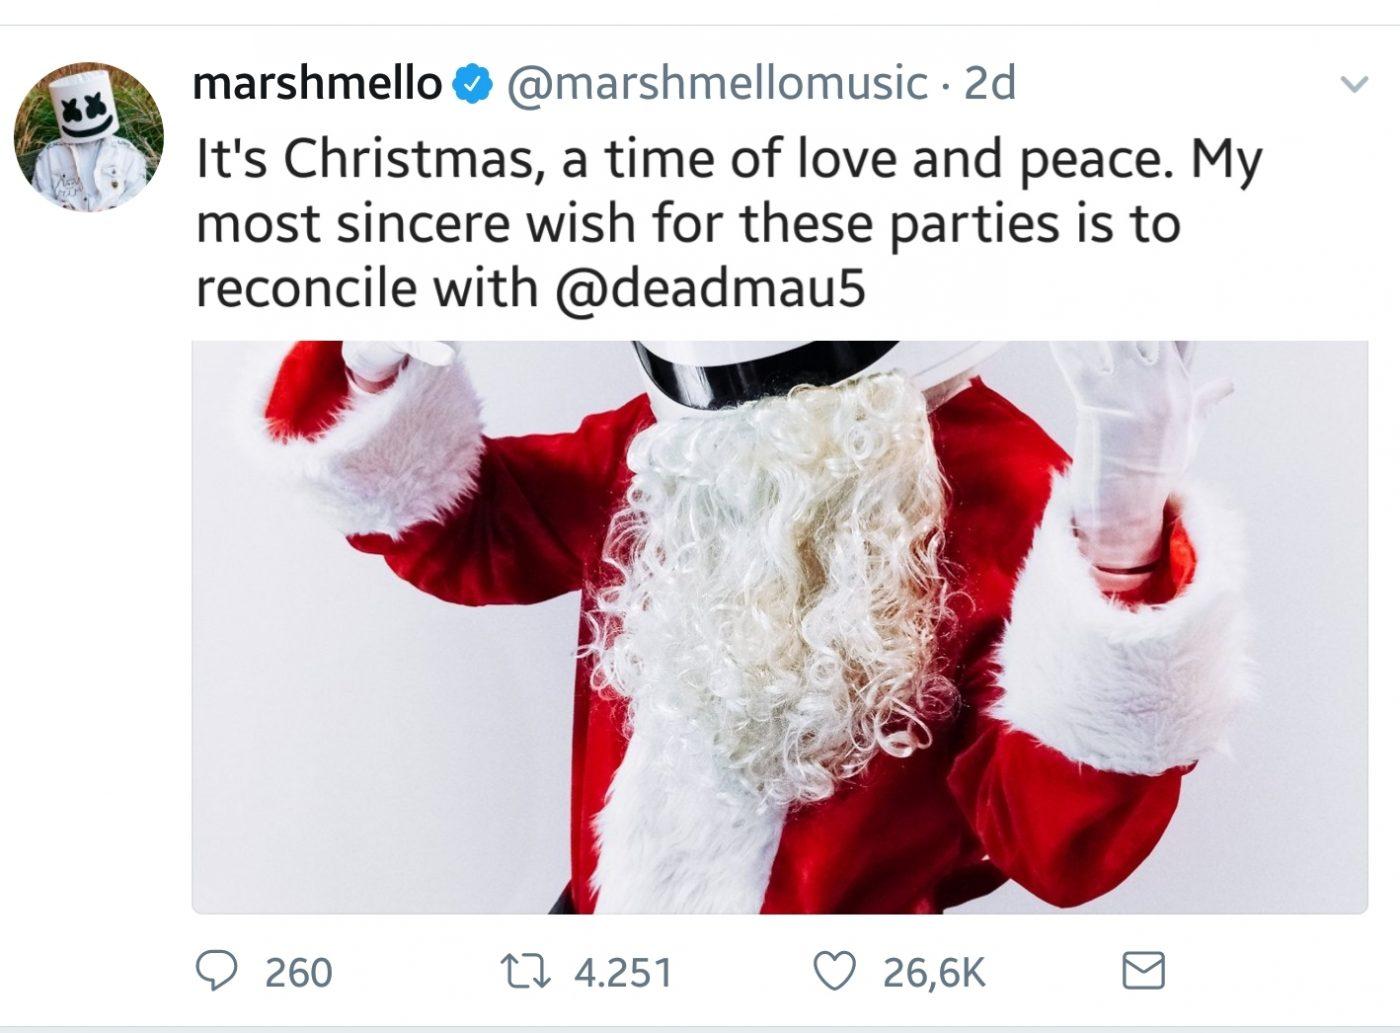 20171228_095414 [Broma Santos Inocentes] Deadmau5 y Marshmello firman la paz a través de Twitter por Navidad